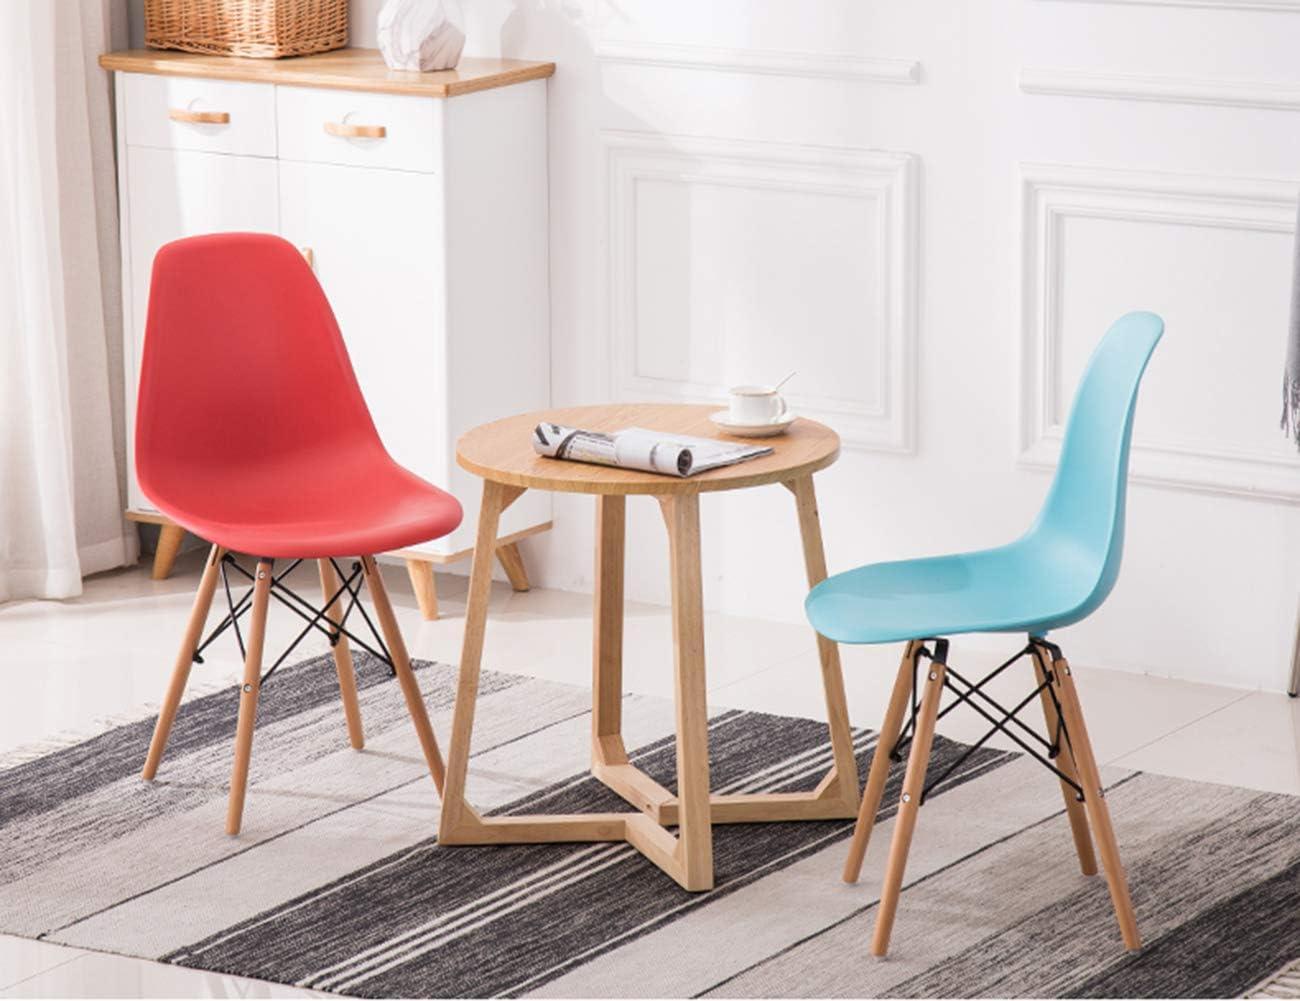 Chaises de Salle à Manger Tabourets PP et Pieds en Bois Massif Style rétro pour Salon de Bureau Chaises de Cuisine à Manger-Red Sky Blue